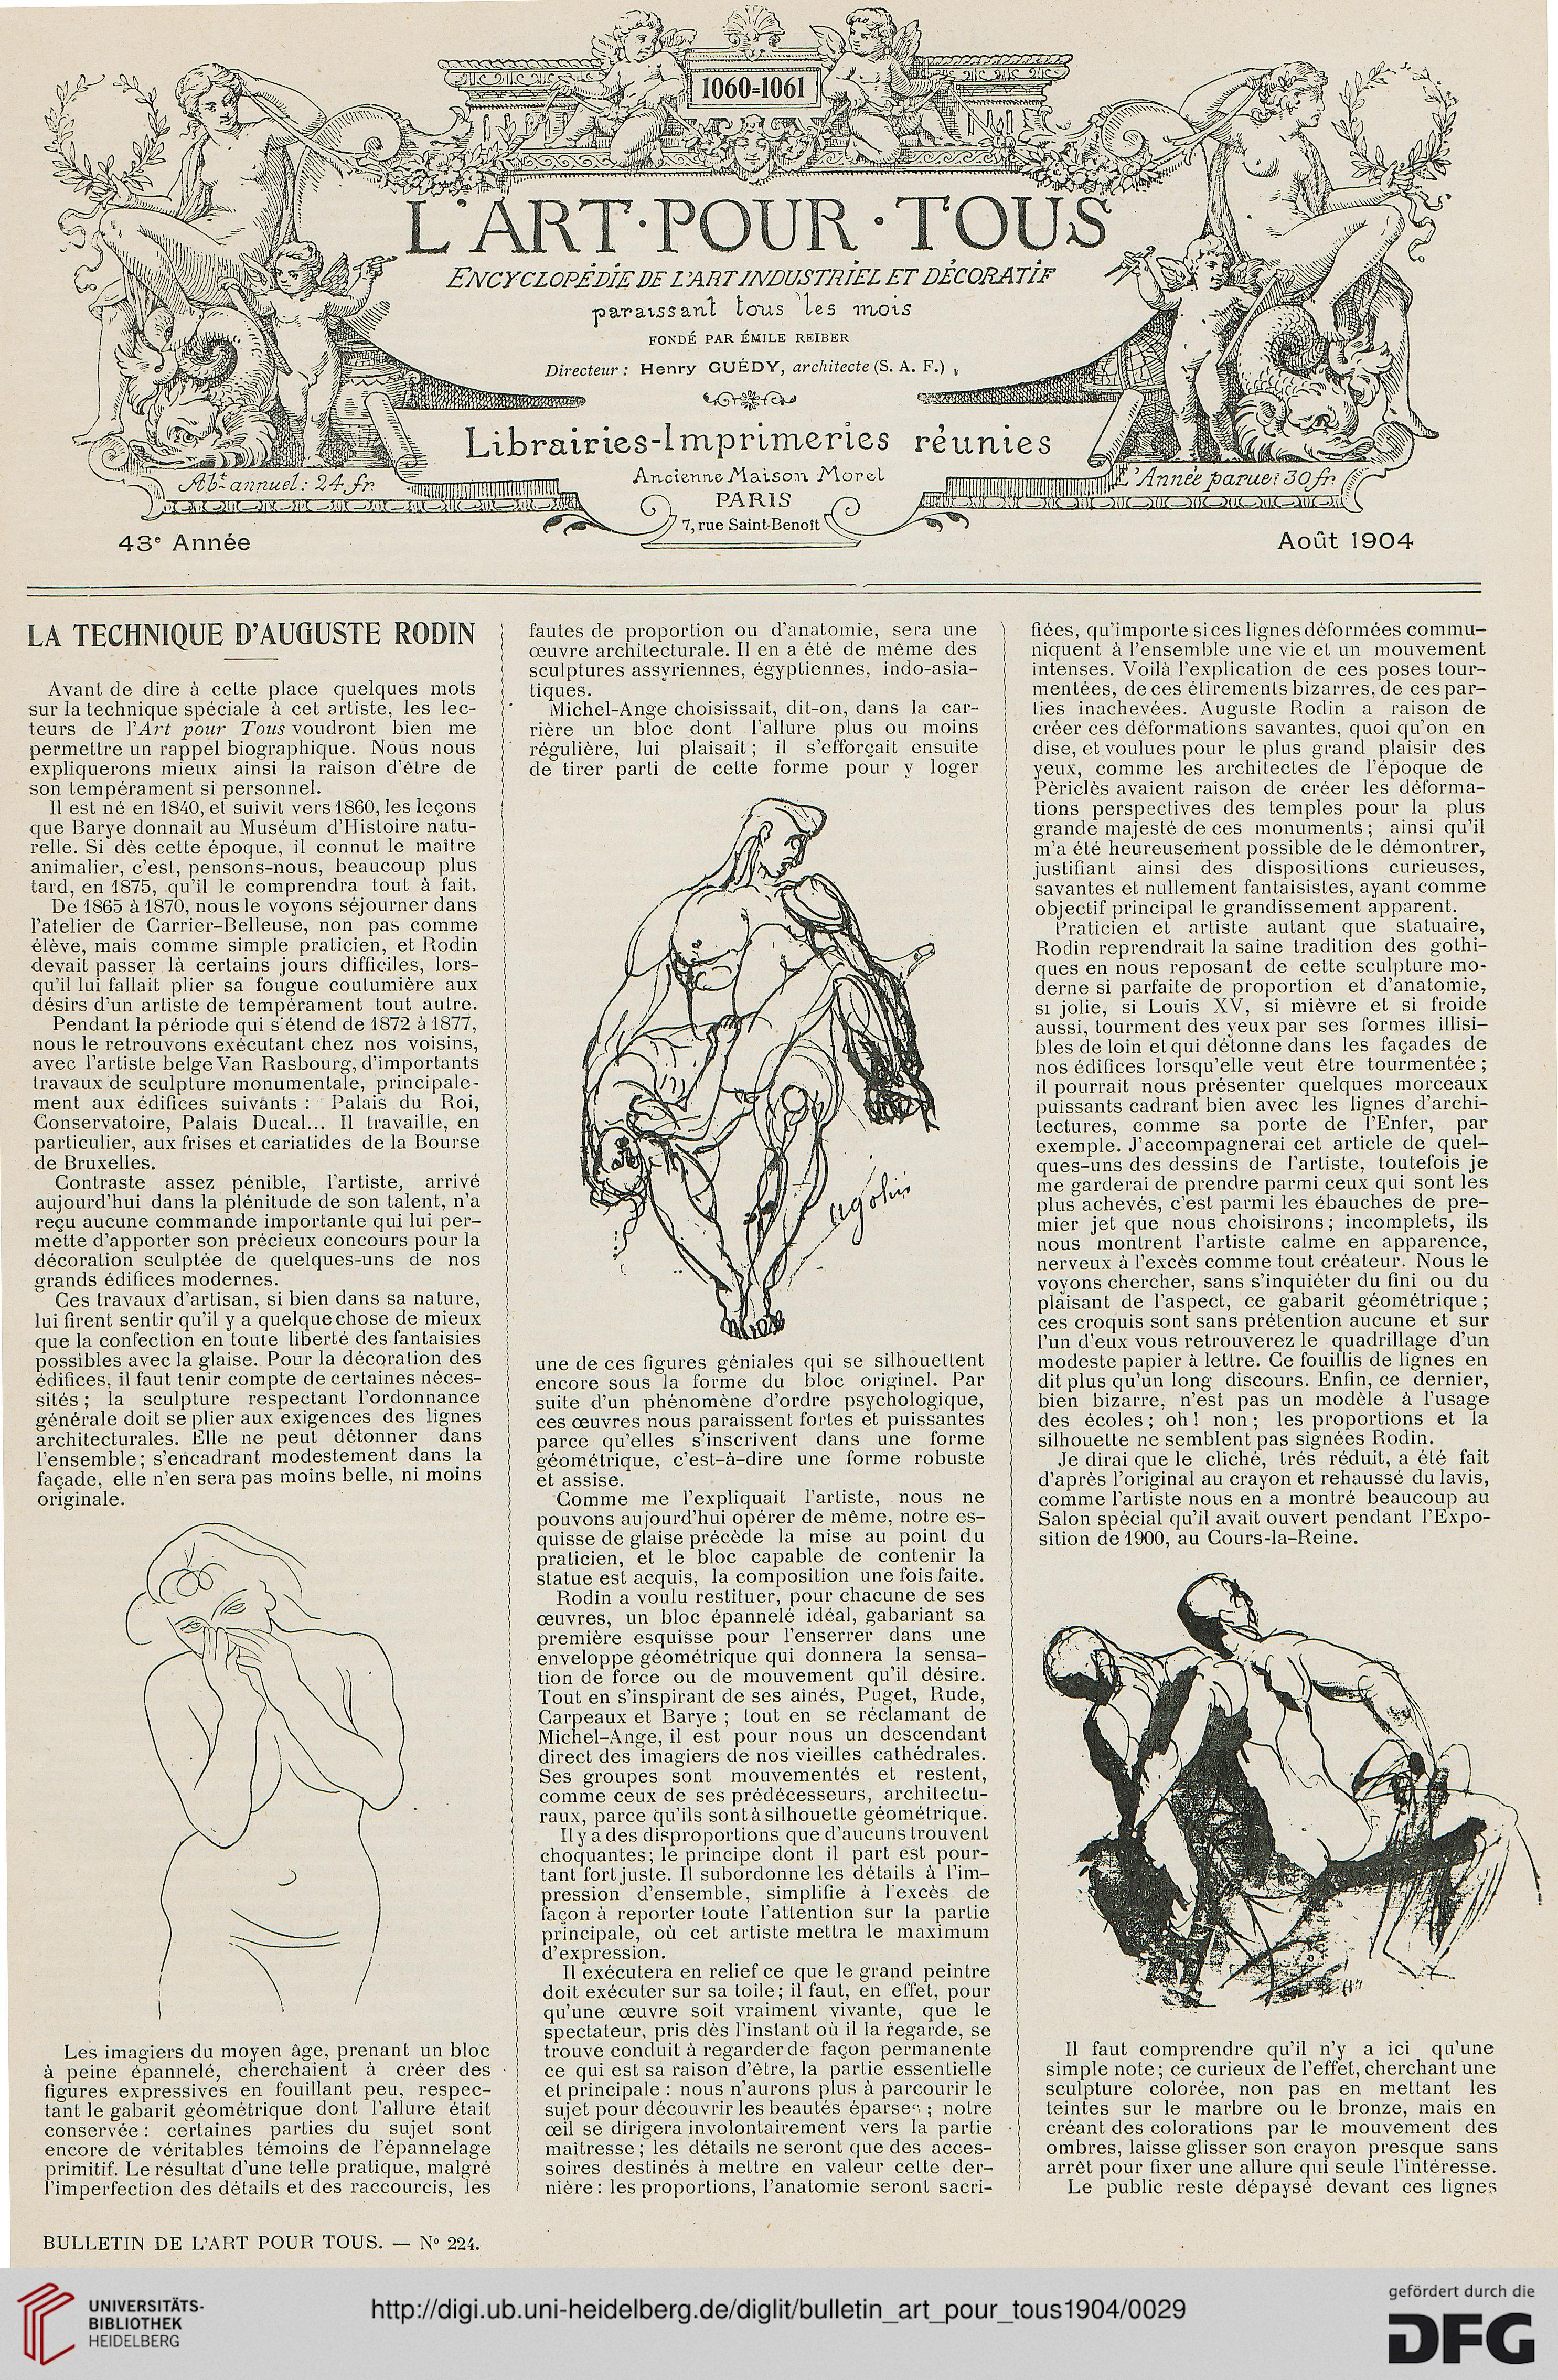 Bulletin de l\' art pour tous (1904)